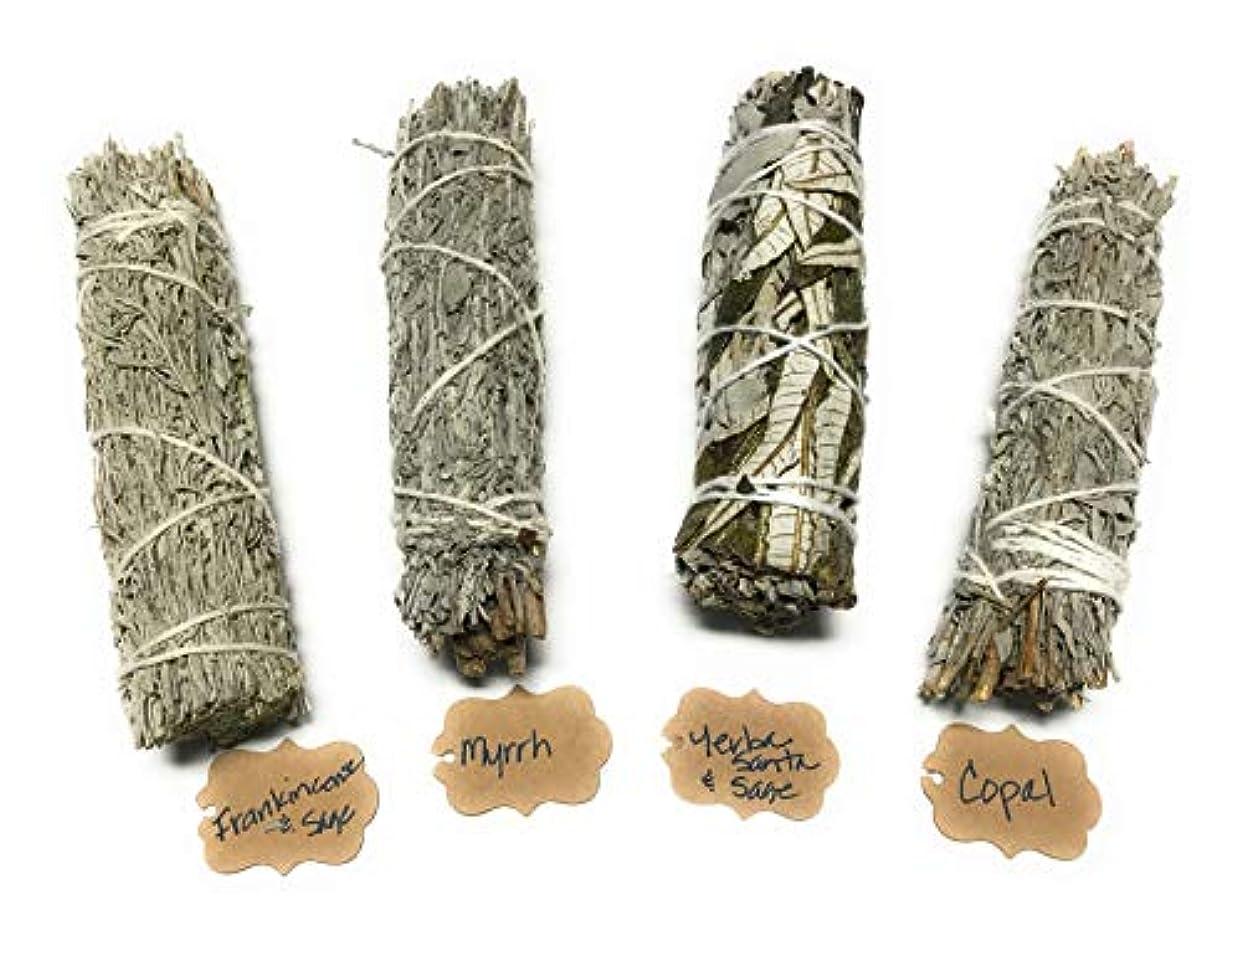 充電新着犬Arianna Willow Mystical バラエティスマッジスティック Copal、Frankincense、Myrrh、Yerba Santaを含む